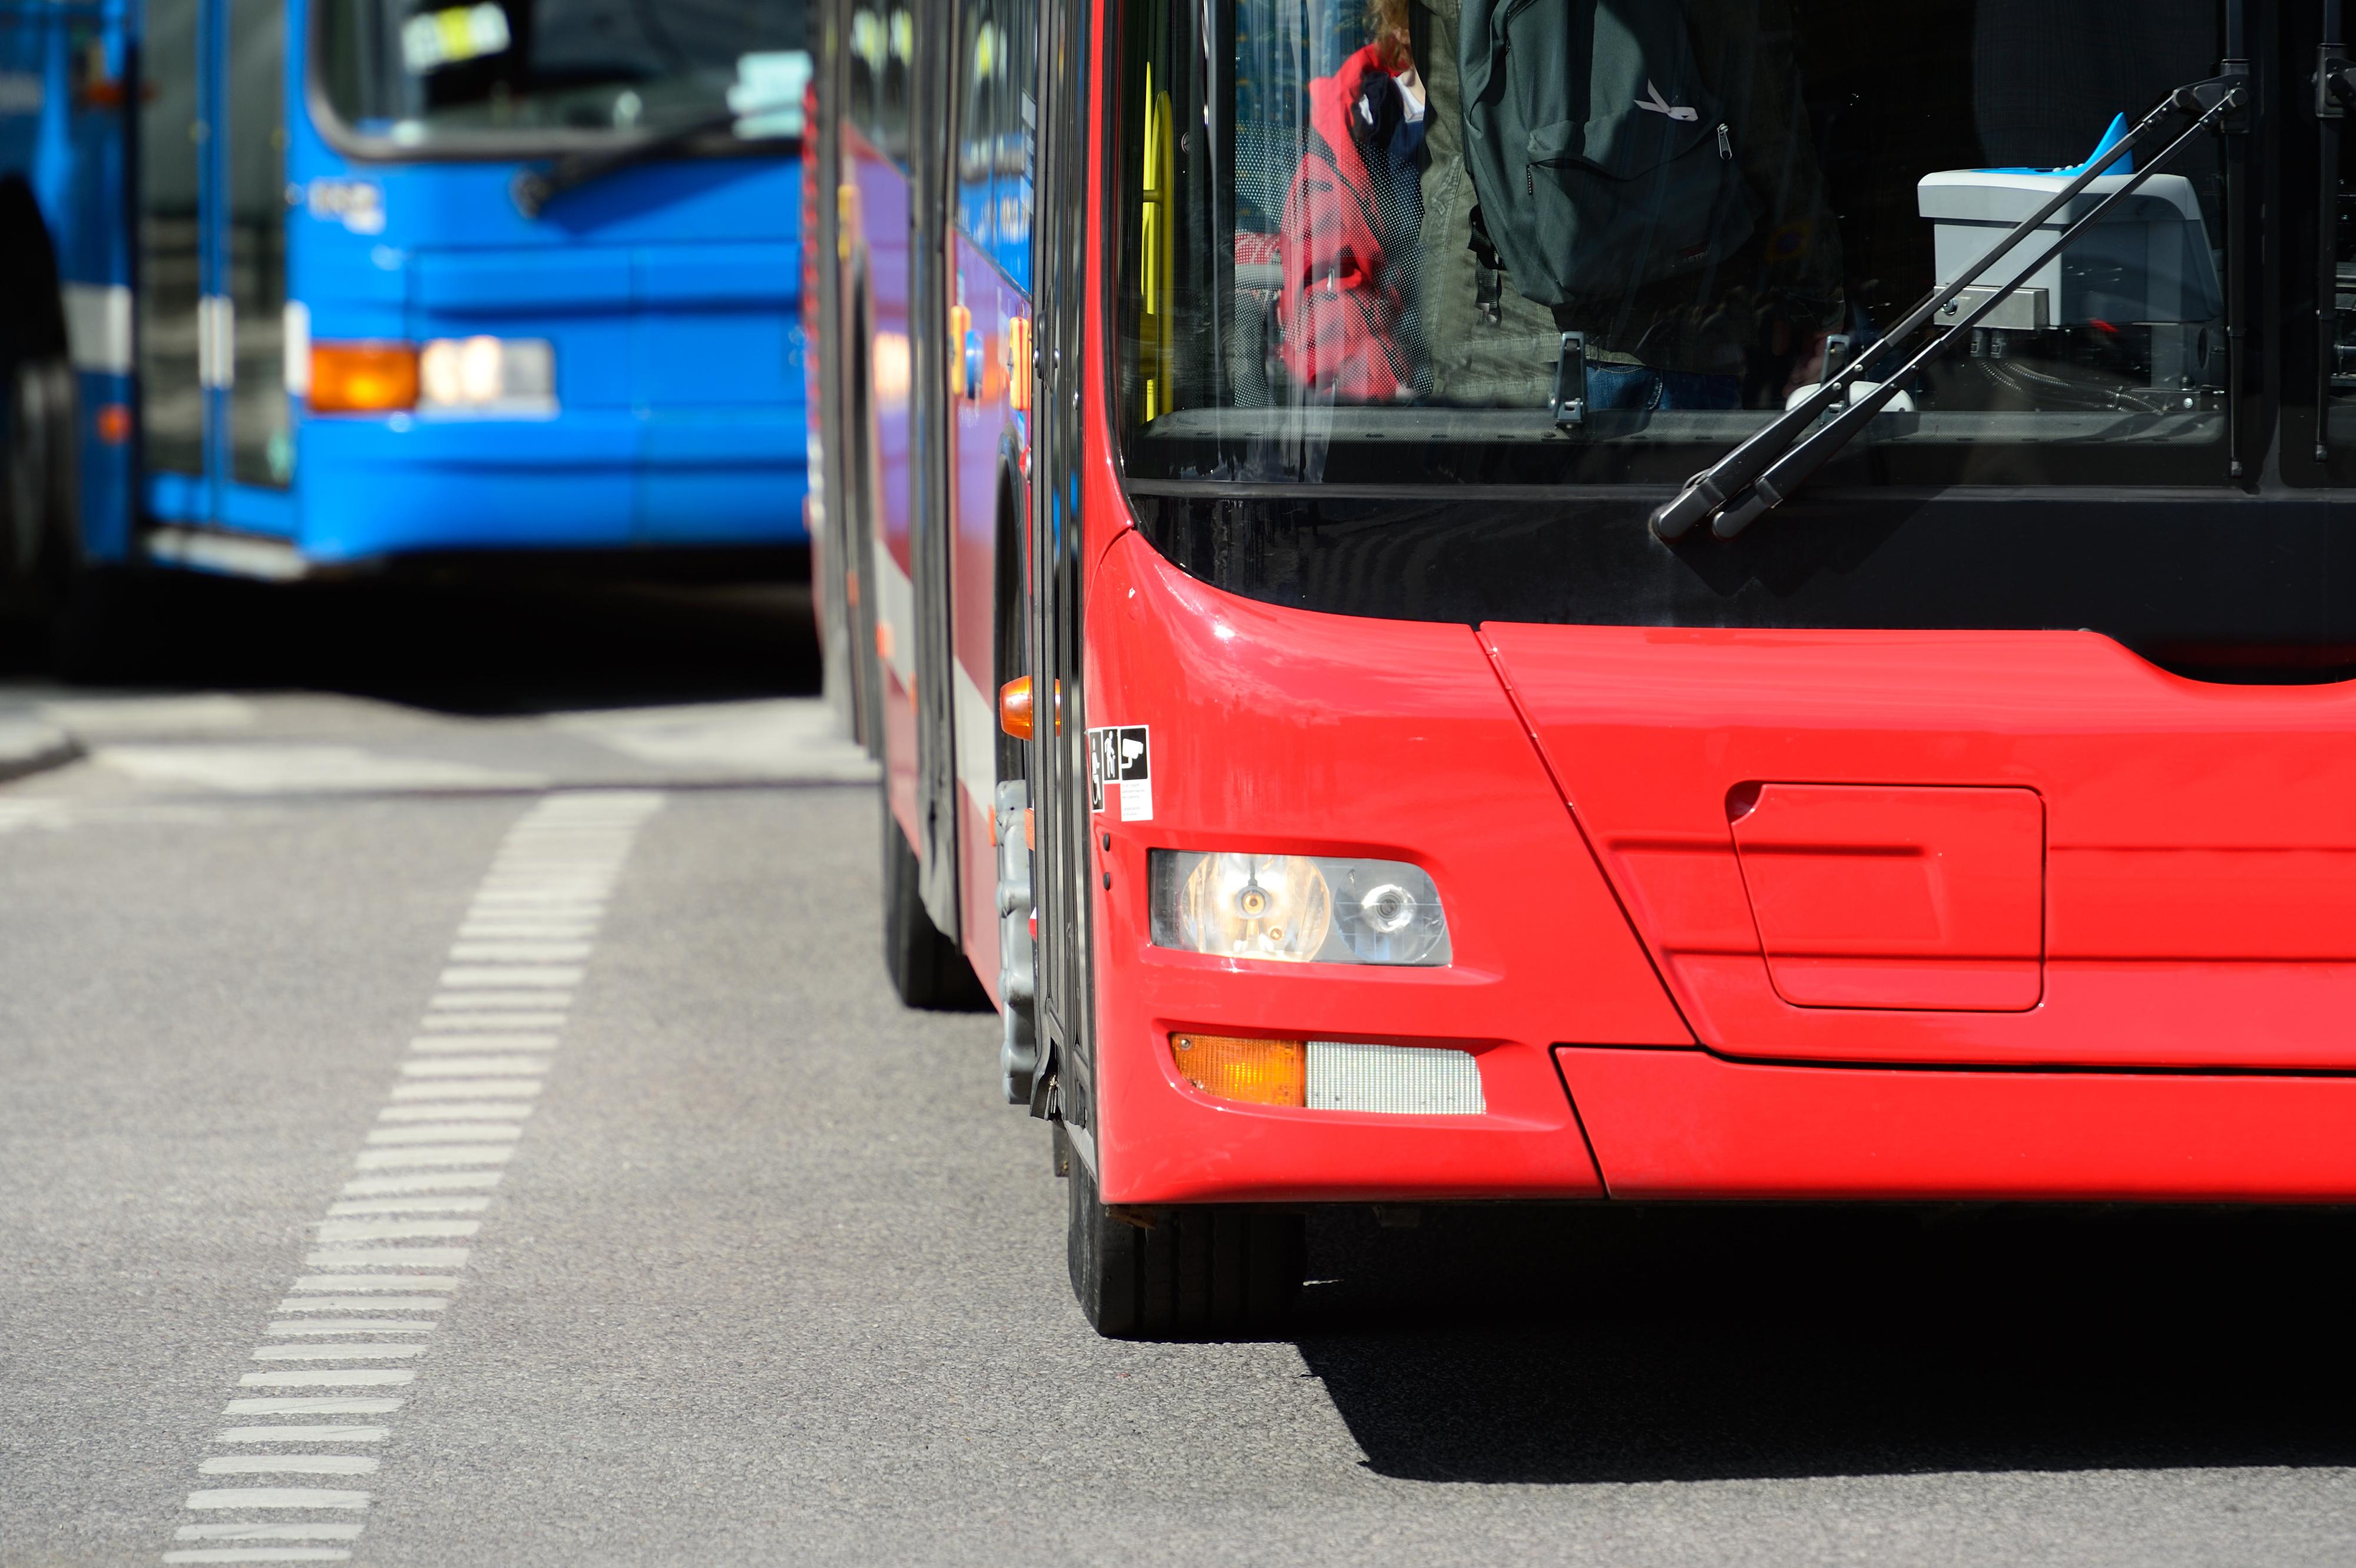 2235-steve-wakefield-public-transport-swindon.jpg